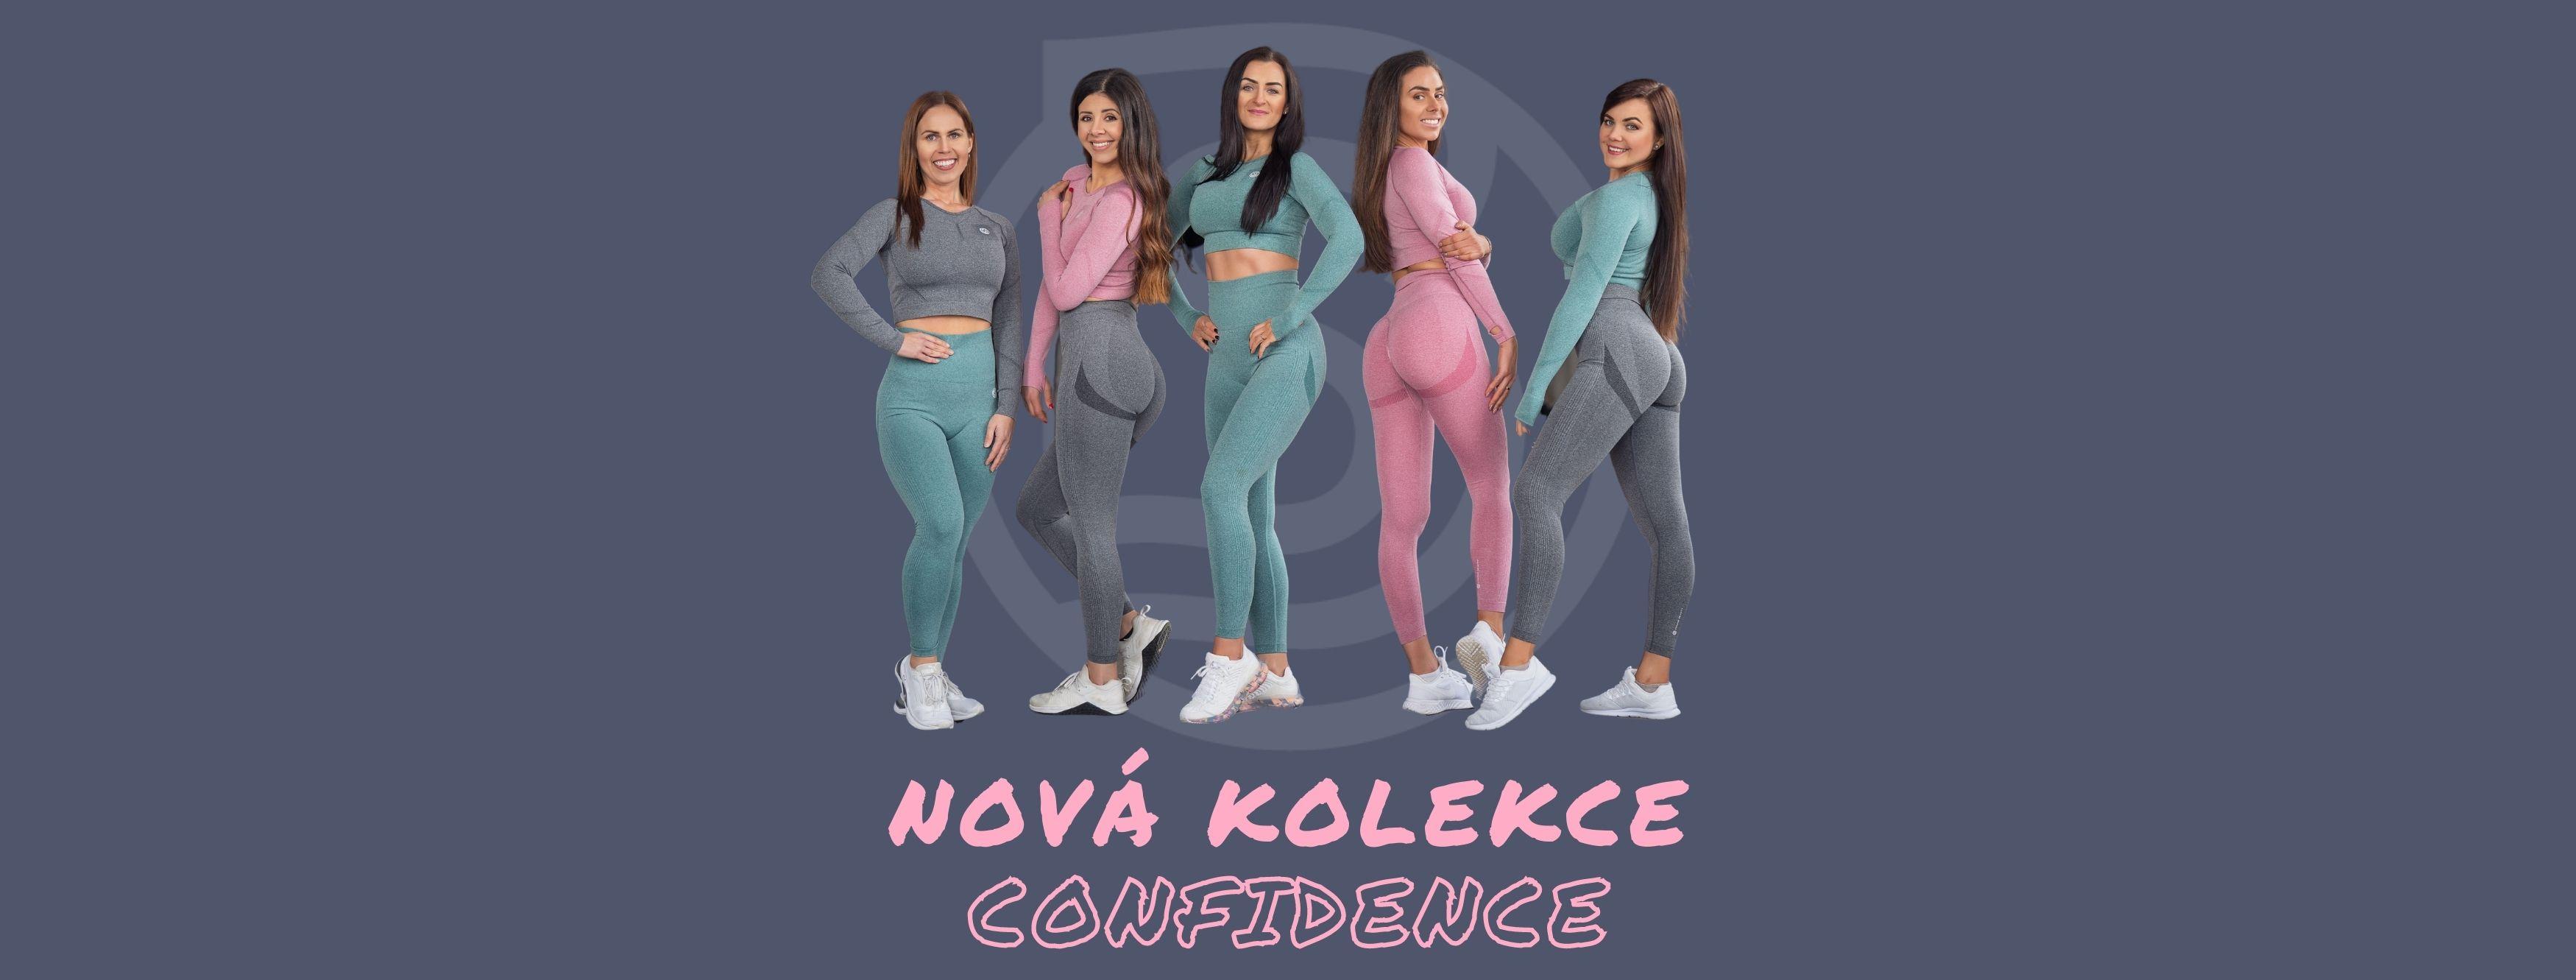 Nová kolekce Confidence